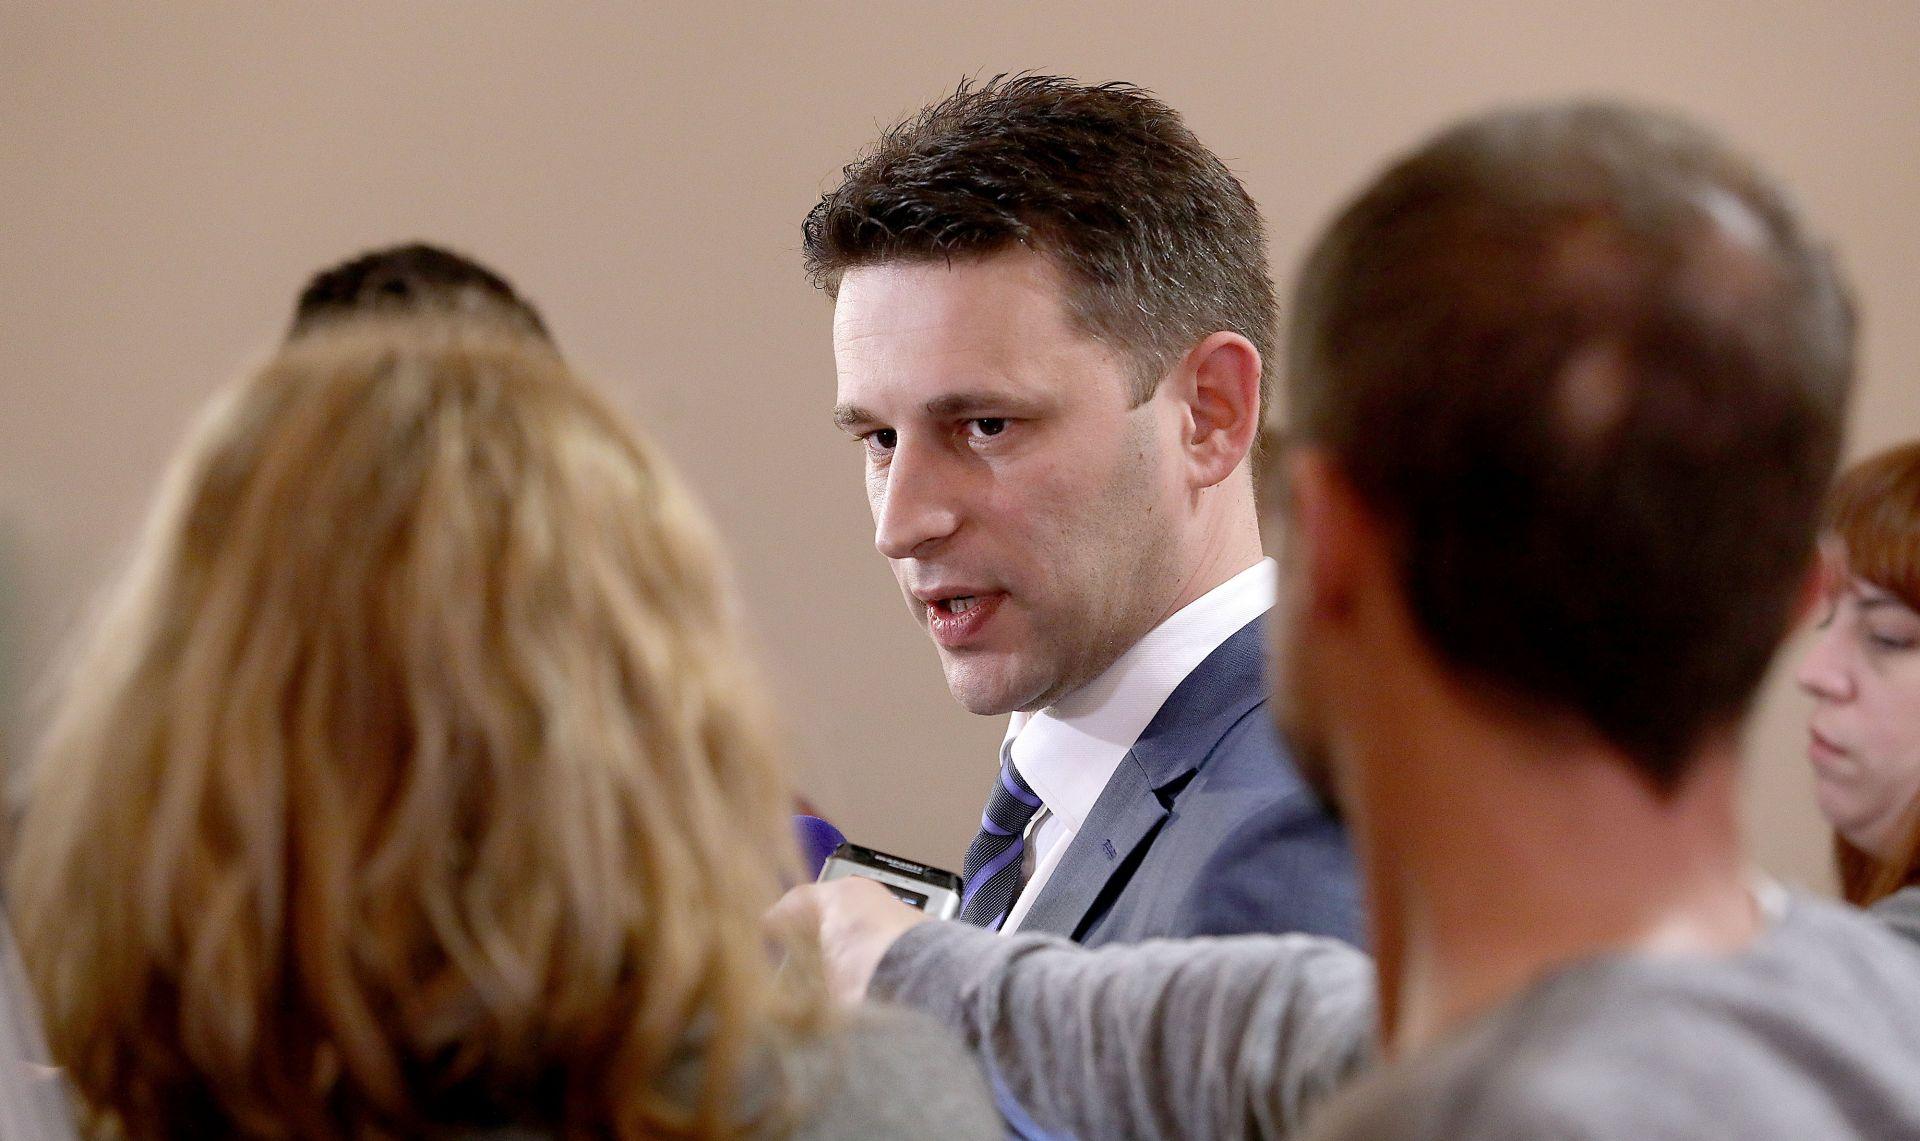 PETROV ODGOVORIO USTAVNIM SUCIMA 'Orepićeva izjava izvučena iz konteksta'